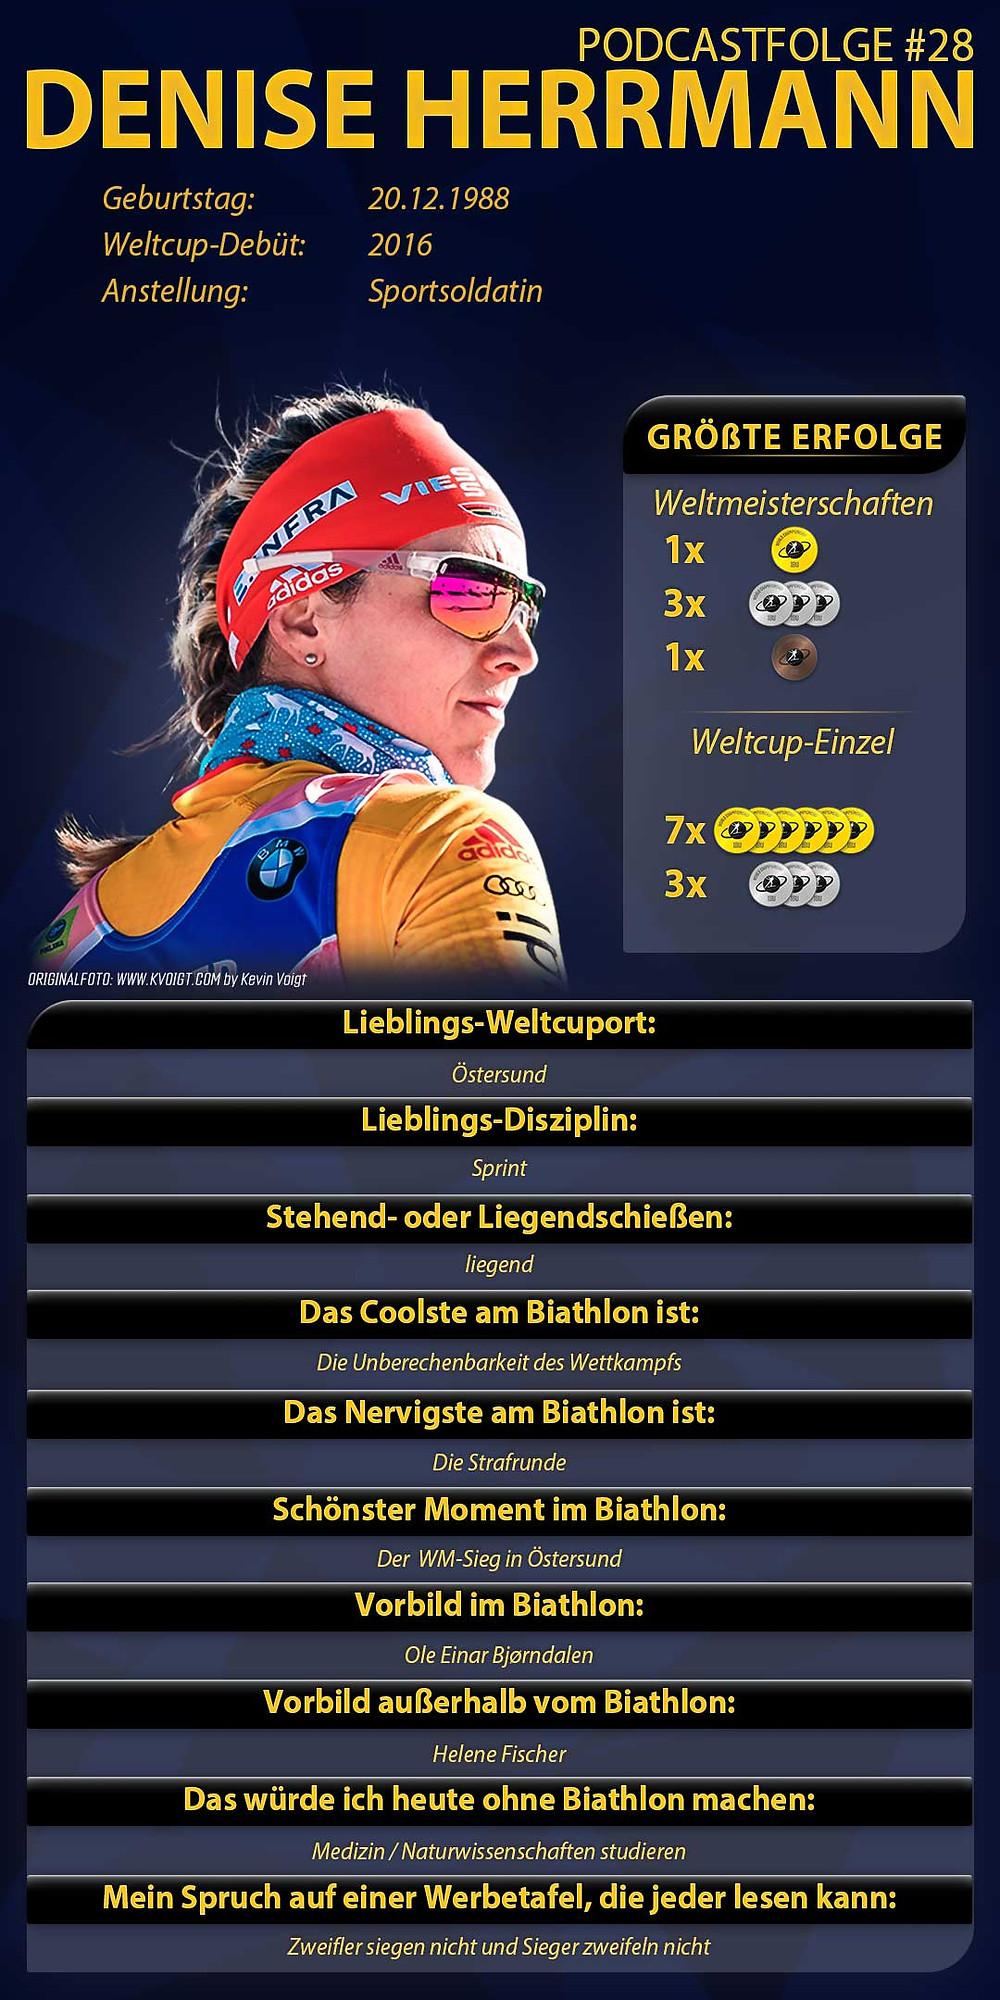 Biathlon-Weltmeisterin Denise Herrmann ist zu Gast in unserer Podcastfolge 28. Sieh dir hier an, was wir mit ihr in der neuen Extrarunde besprochen haben. Wir sie den Weltcup gewinnen und Dorothea Wierer, sowie Tiril Eckhoff herausfordern?